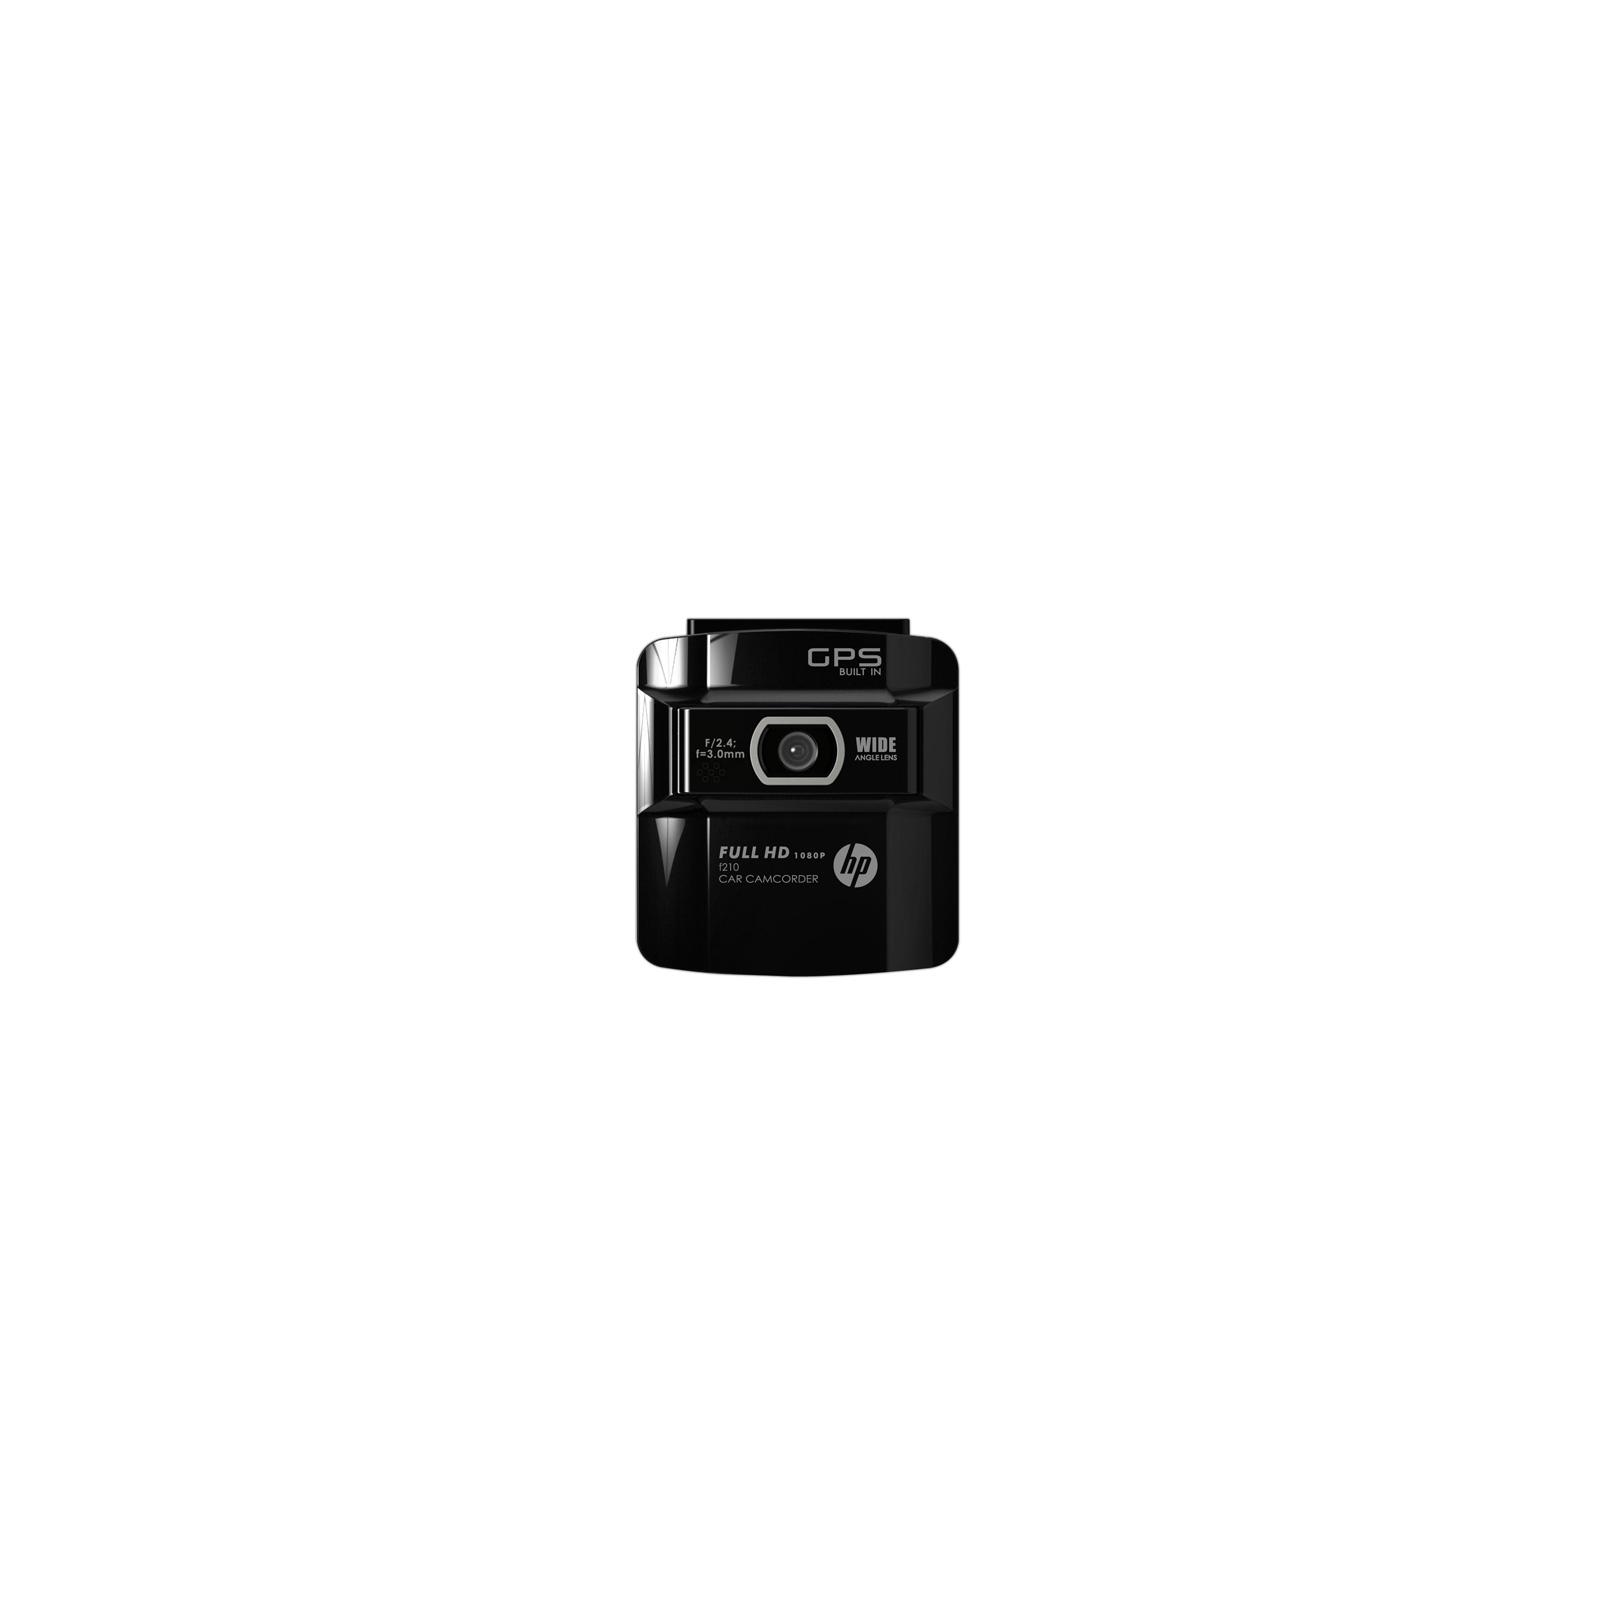 Видеорегистратор HP f210 black (f210 (black))